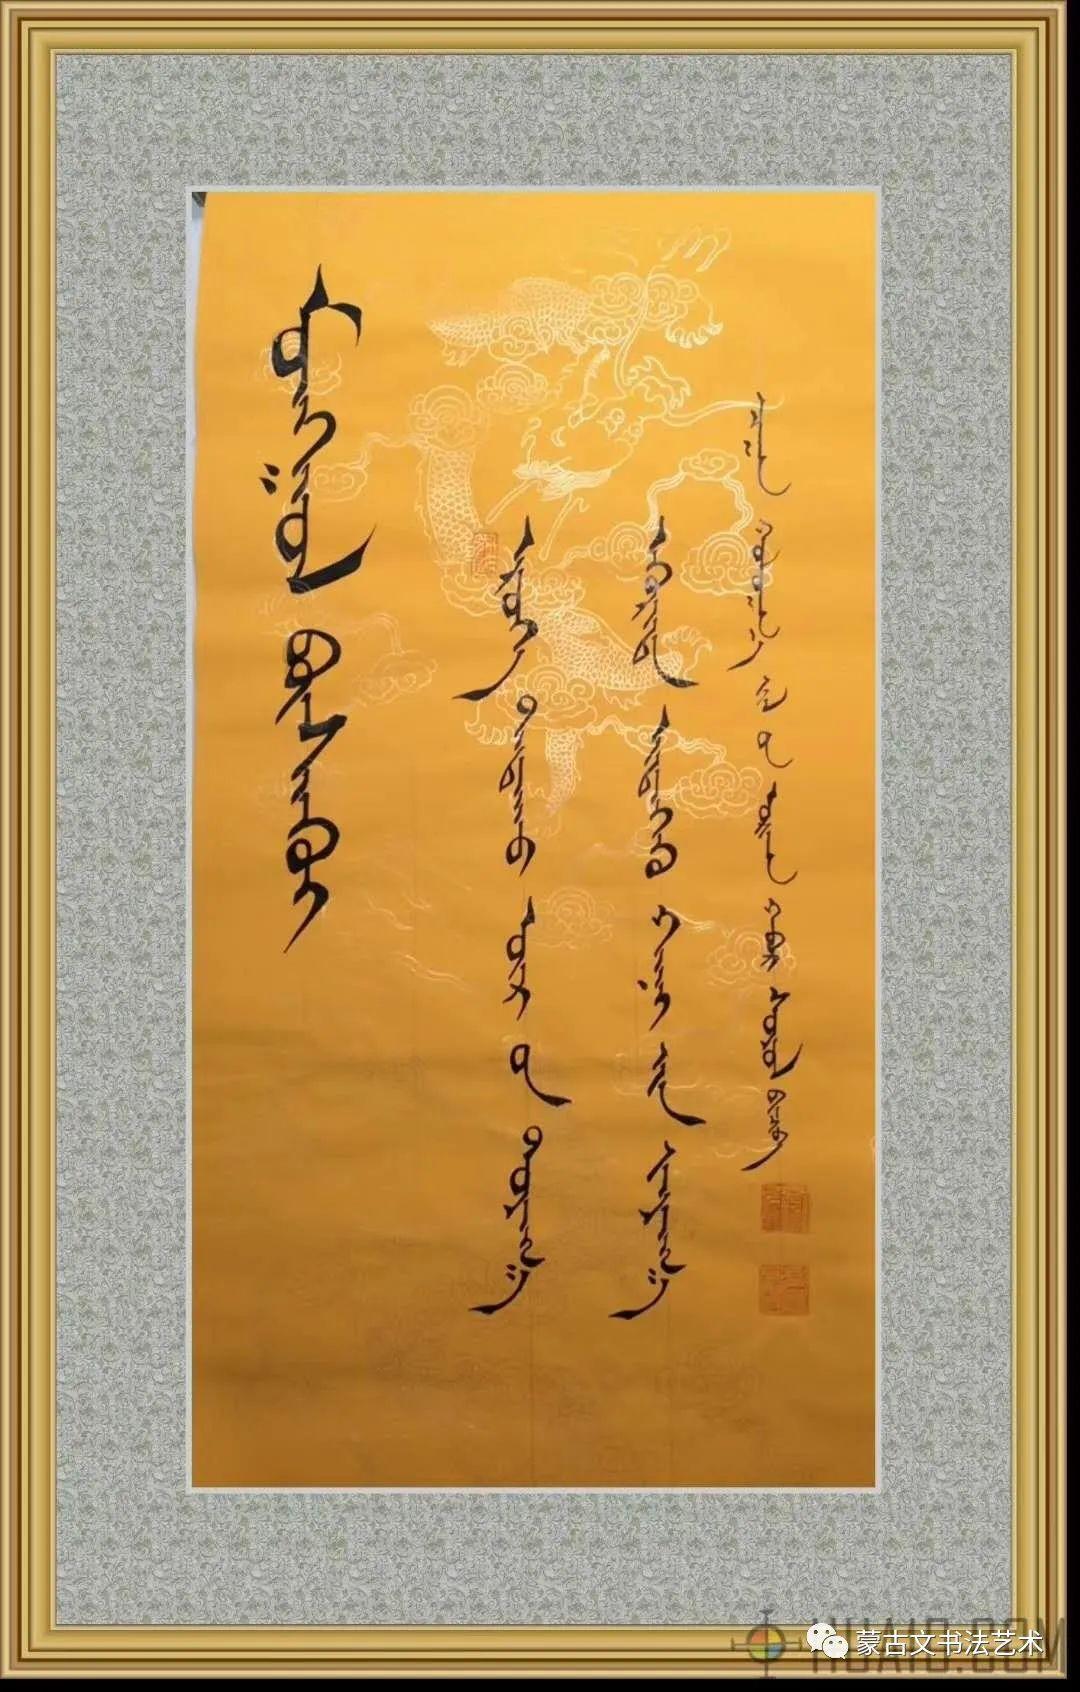 白苏雅蒙古文书法 第8张 白苏雅蒙古文书法 蒙古书法